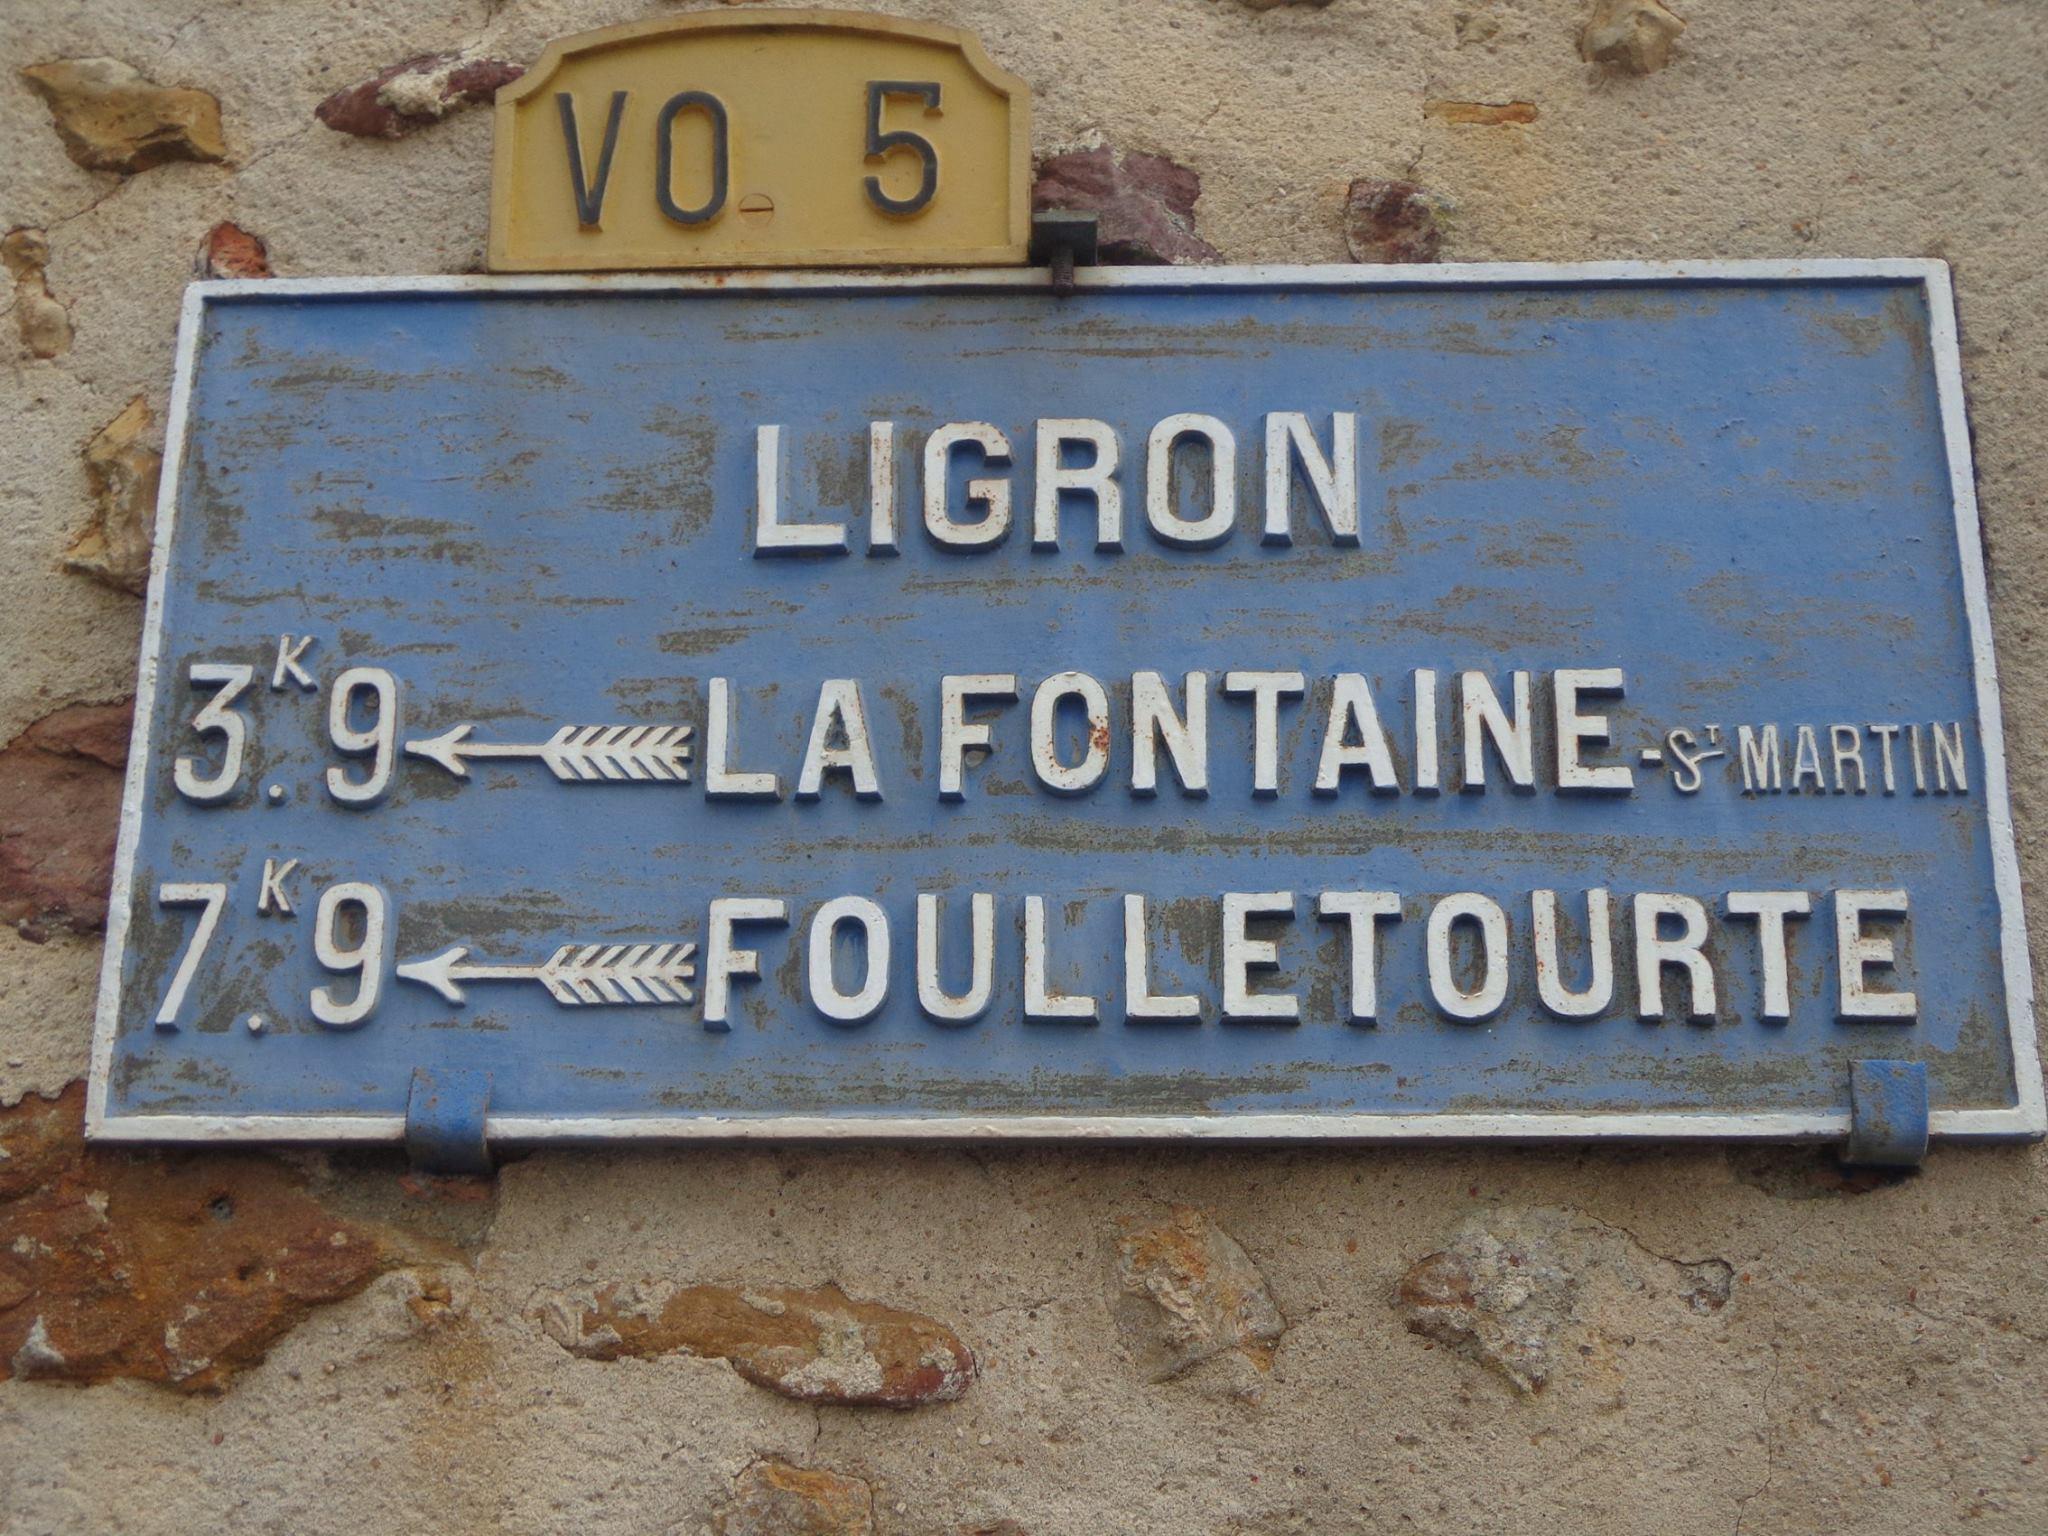 Ligron - Plaque de cocher - La Fontaine Saint Martin - Foulletourte (Marie-Yvonne Mersanne)